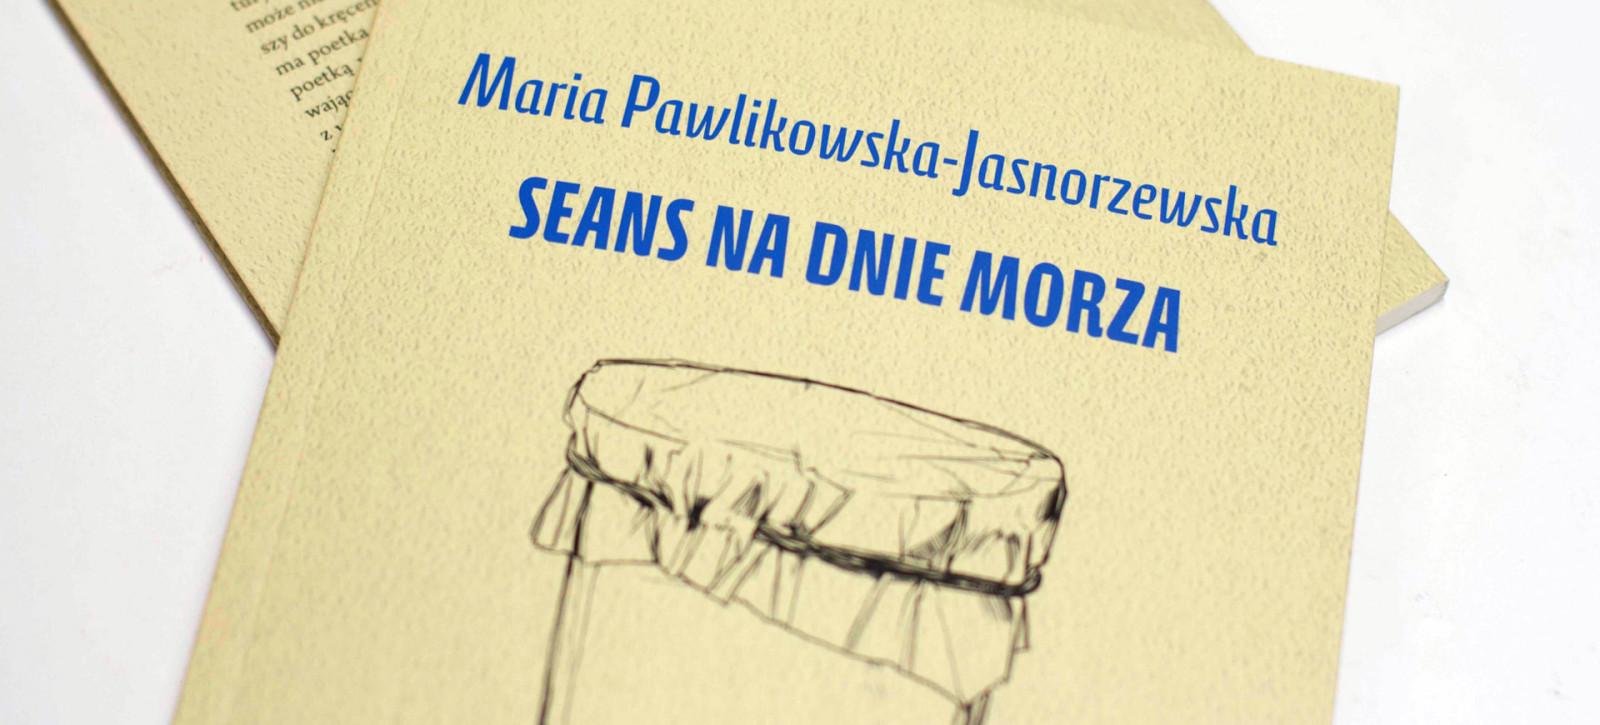 KSIAZKI_Pawlikowska-Jasnorzewska_Seans-na-dnie-morza